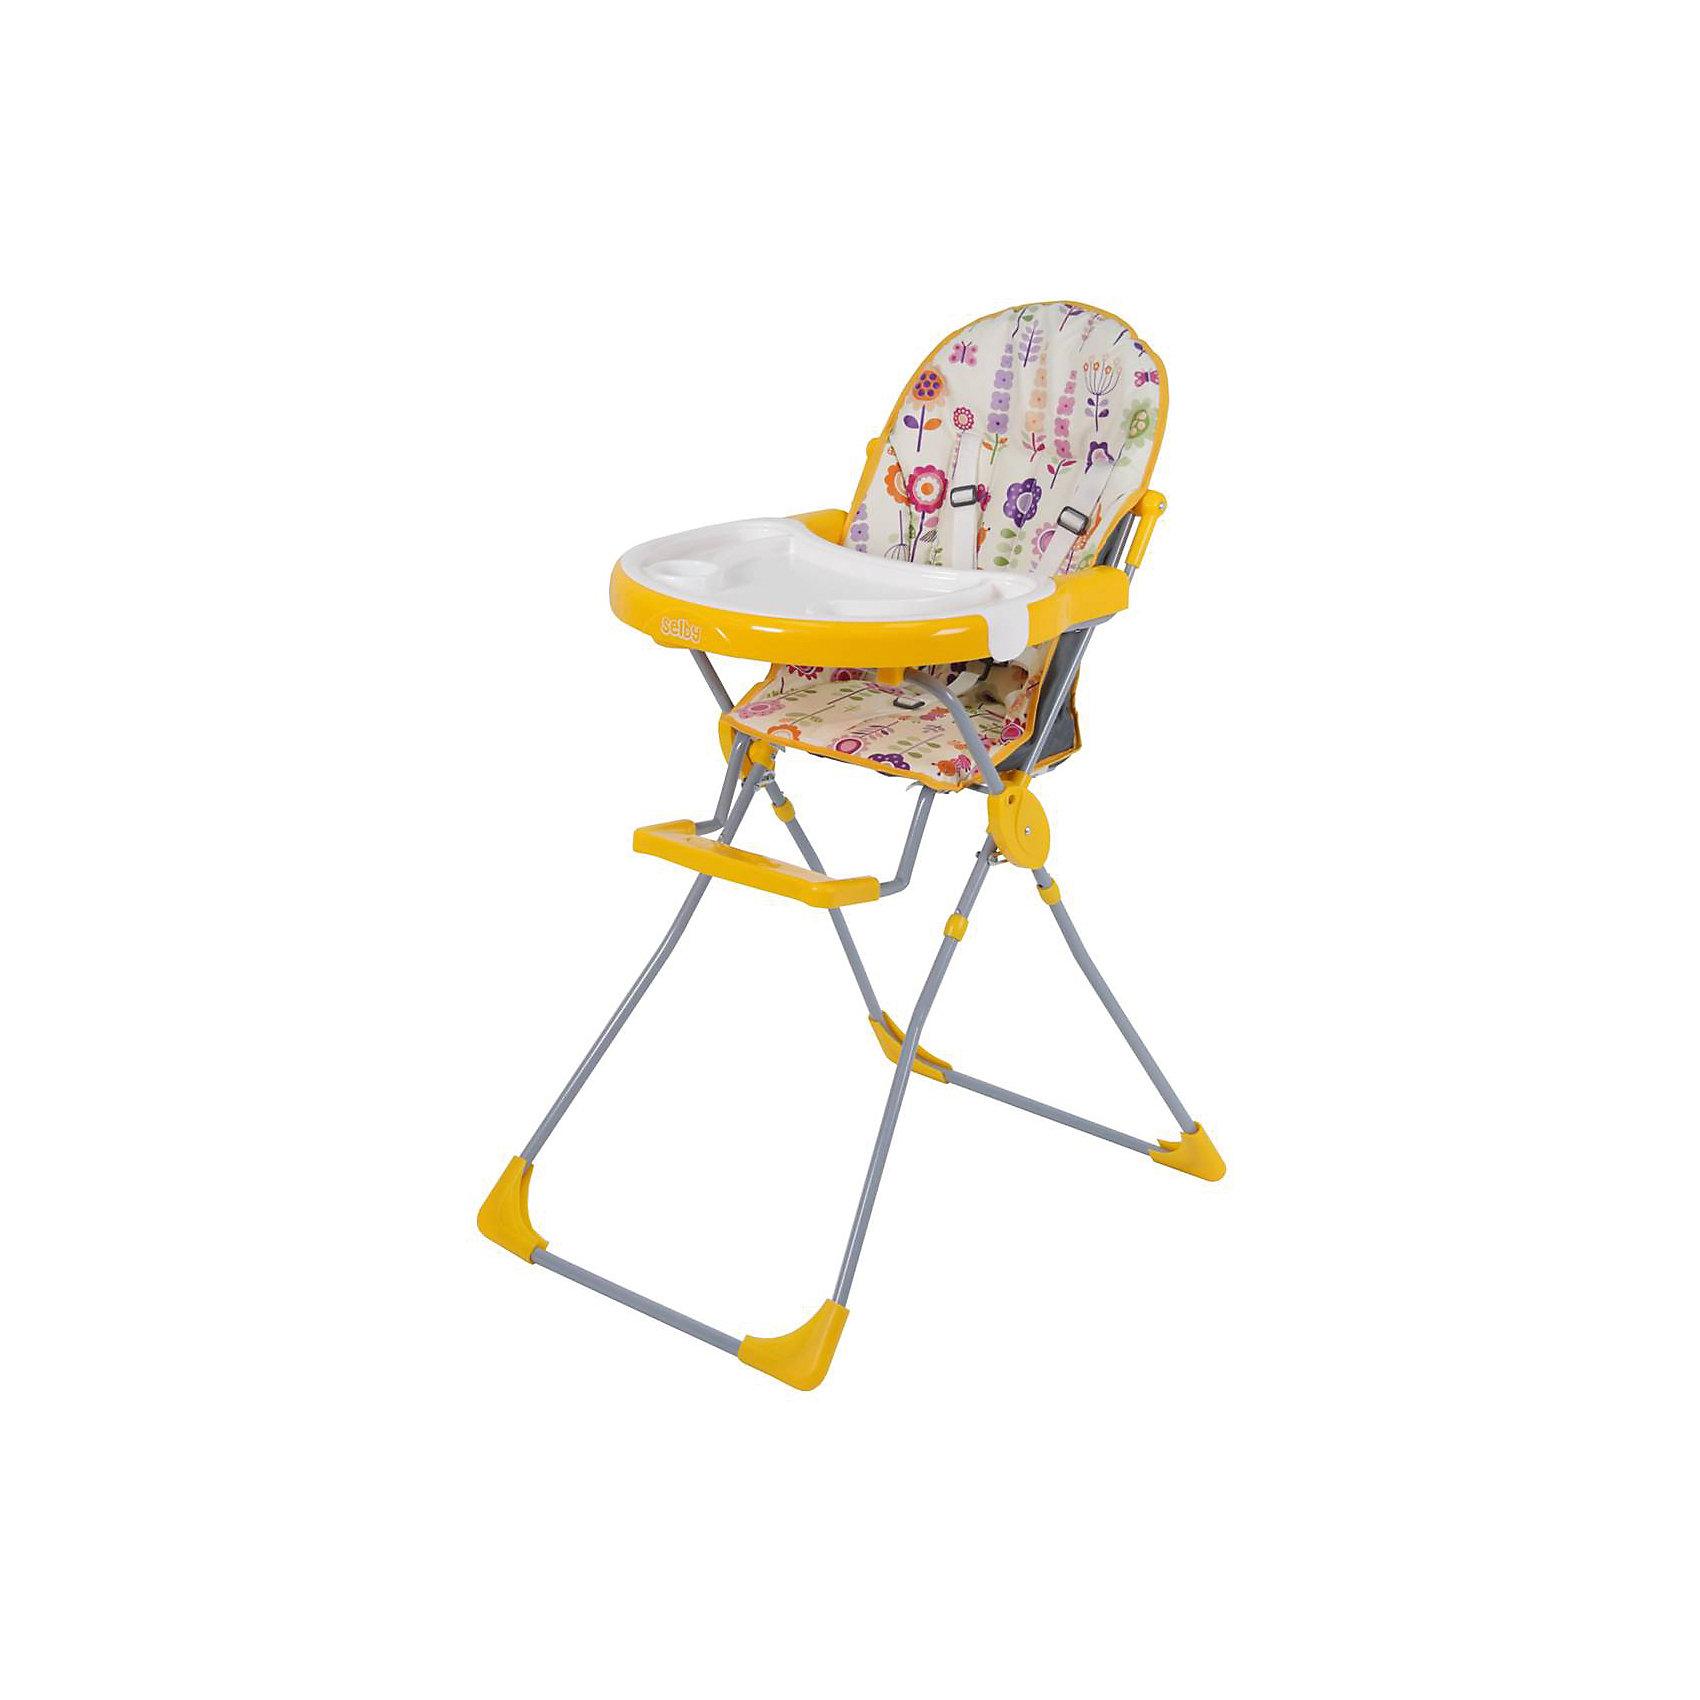 Стульчик для кормления 251 Яркий луг, Selby, желтыйот +6 месяцев<br>Характеристики товара:<br><br>• возраст от 6 месяцев;<br>• материал: пластик;<br>• максимальный вес ребёнка: 15 кг<br>• 5-ти точечные ремни безопасности;<br>• мягкое сидение<br>• подставка для ножек<br>• съёмный столик<br>• съёмный поднос с углублениями<br>• накладки на ножках не скользят и не царапают пол<br>• размер в разложенном виде 100,5х73,5х53 см;<br>• размер упаковки 53х75х30 см;<br>• вес  упаковки 5,9 кг;<br>• страна производитель: Китай.<br><br>Стульчик для кормления 251 «Яркий луг» Selby — надежный помощник молодым родителям для кормления малыша. Стульчик оснащен удобным мягким сидением и подставкой для ножек. На столике имеется дополнительный съемный пластиковый поднос с углублениями и бортиками. <br><br>В кресле ребенка удерживают 5-ти точечные ремни безопасности. Накладки на ножках не дают стульчику скользить и не повреждают напольное покрытие. В сложенном виде стульчик не занимает много места. Для удобства хранения столик можно отвести на обратную сторону стульчика.<br><br>Стульчик для кормления 251 «Яркий луг» Selby можно приобрести в нашем интернет-магазине.<br><br>Ширина мм: 530<br>Глубина мм: 750<br>Высота мм: 300<br>Вес г: 5900<br>Цвет: желтый<br>Возраст от месяцев: 6<br>Возраст до месяцев: 36<br>Пол: Унисекс<br>Возраст: Детский<br>SKU: 5610455